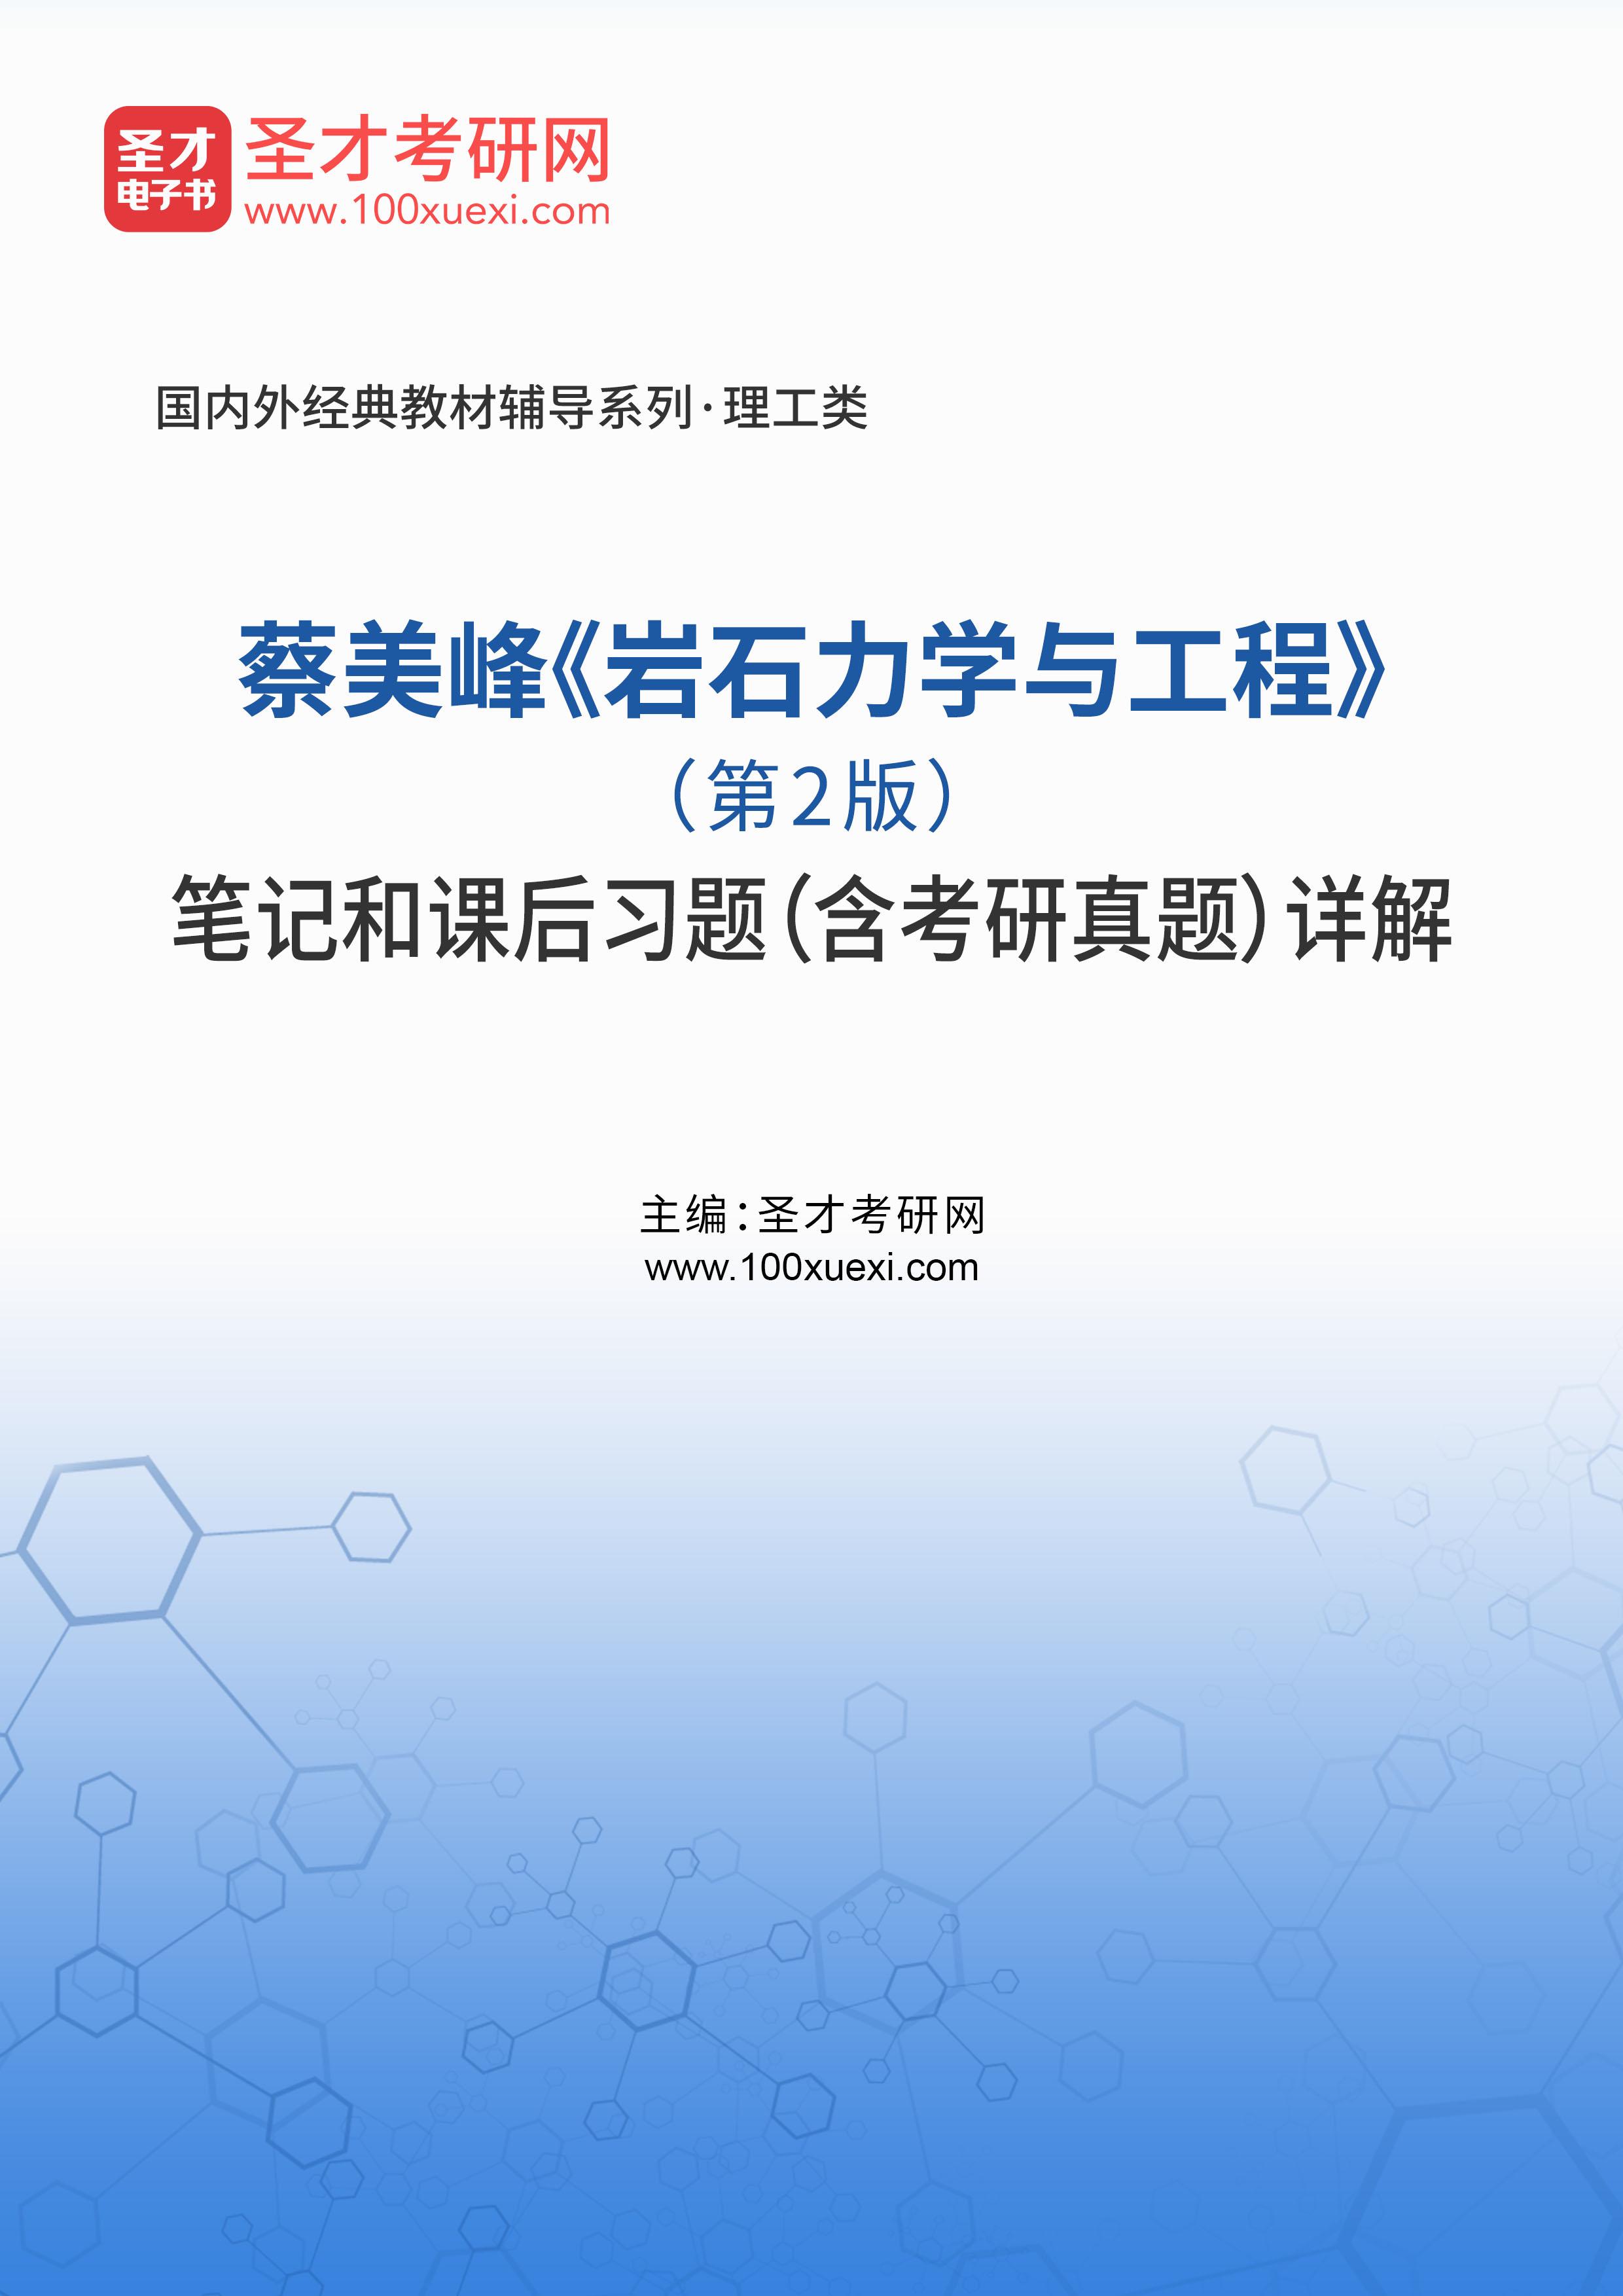 蔡美峰《岩石力学与工程》(第2版)笔记和课后习题(含考研真题)详解